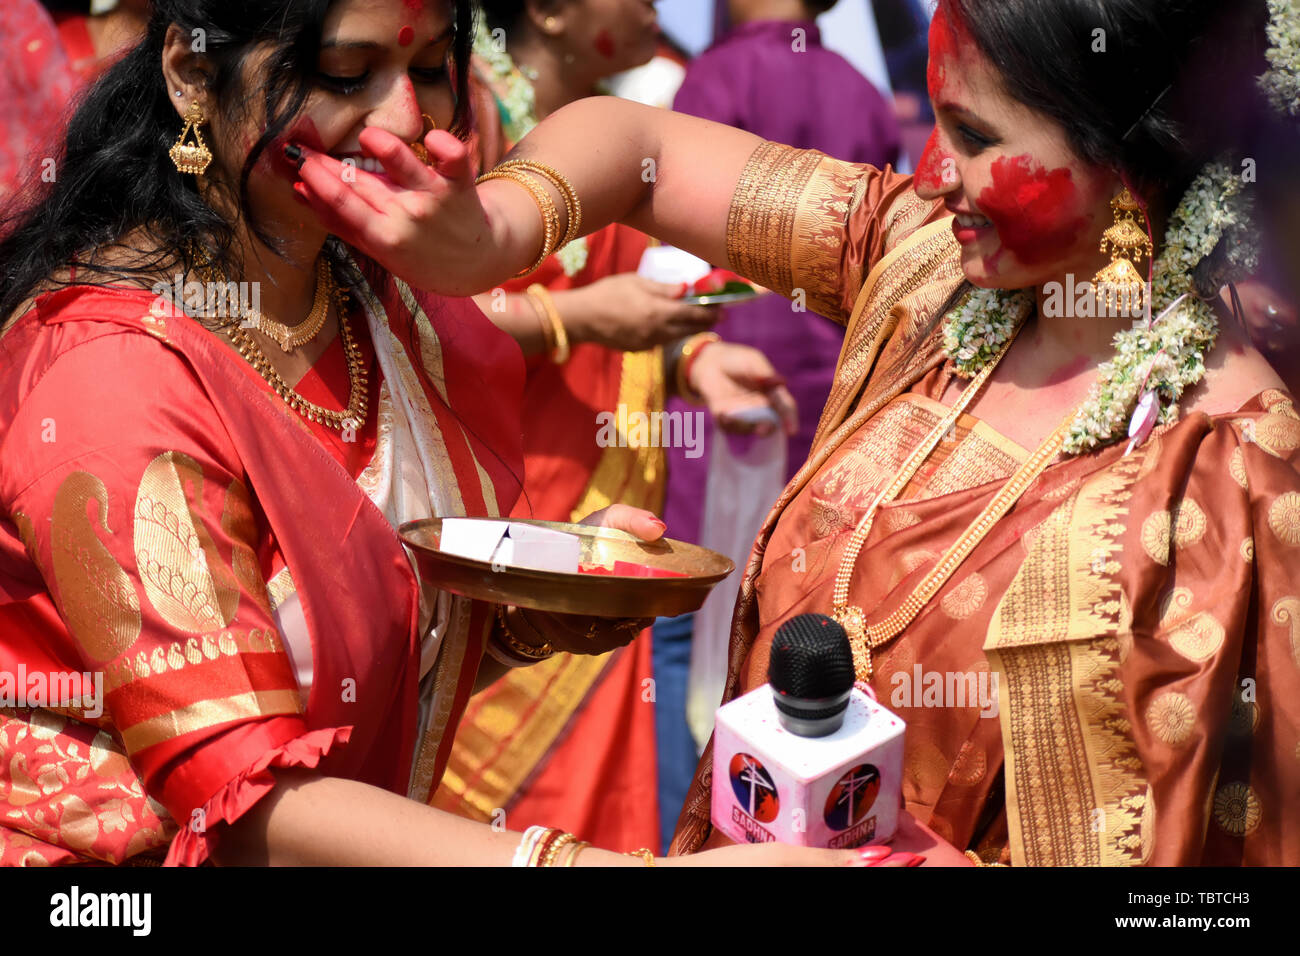 Bengali Women Stock Photos & Bengali Women Stock Images - Page 2 - Alamy